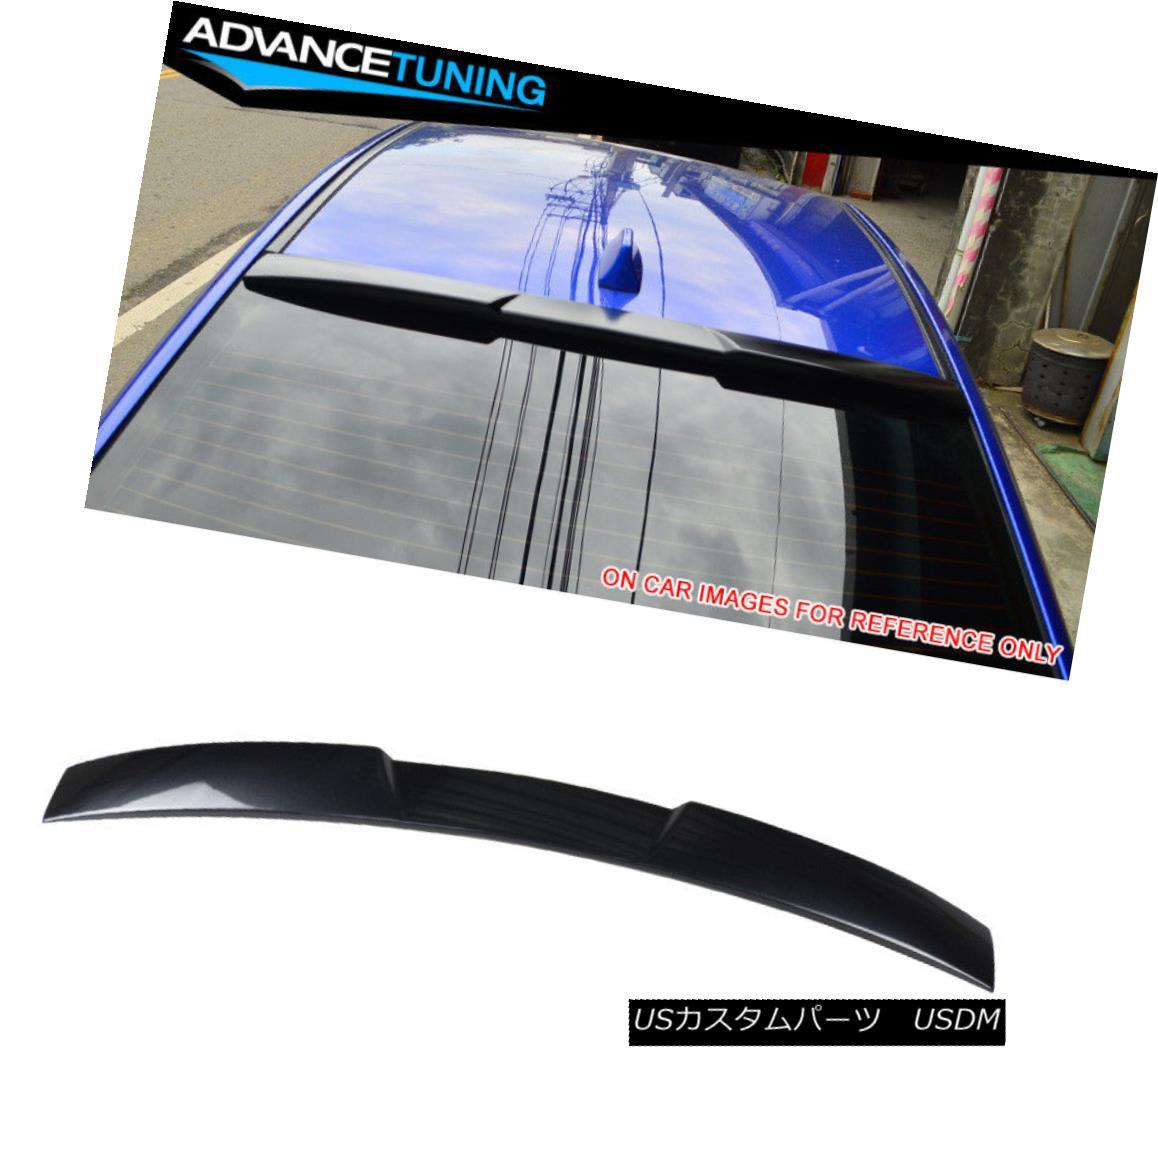 エアロパーツ Fits 15-18 Impreza WRX STI V Roof Spoiler OEM Painted #61K Dark Gray Metallic フィット15-18インプレッサWRX STI VルーフスポイラーOEM塗装#61Kダークグレーメタリック